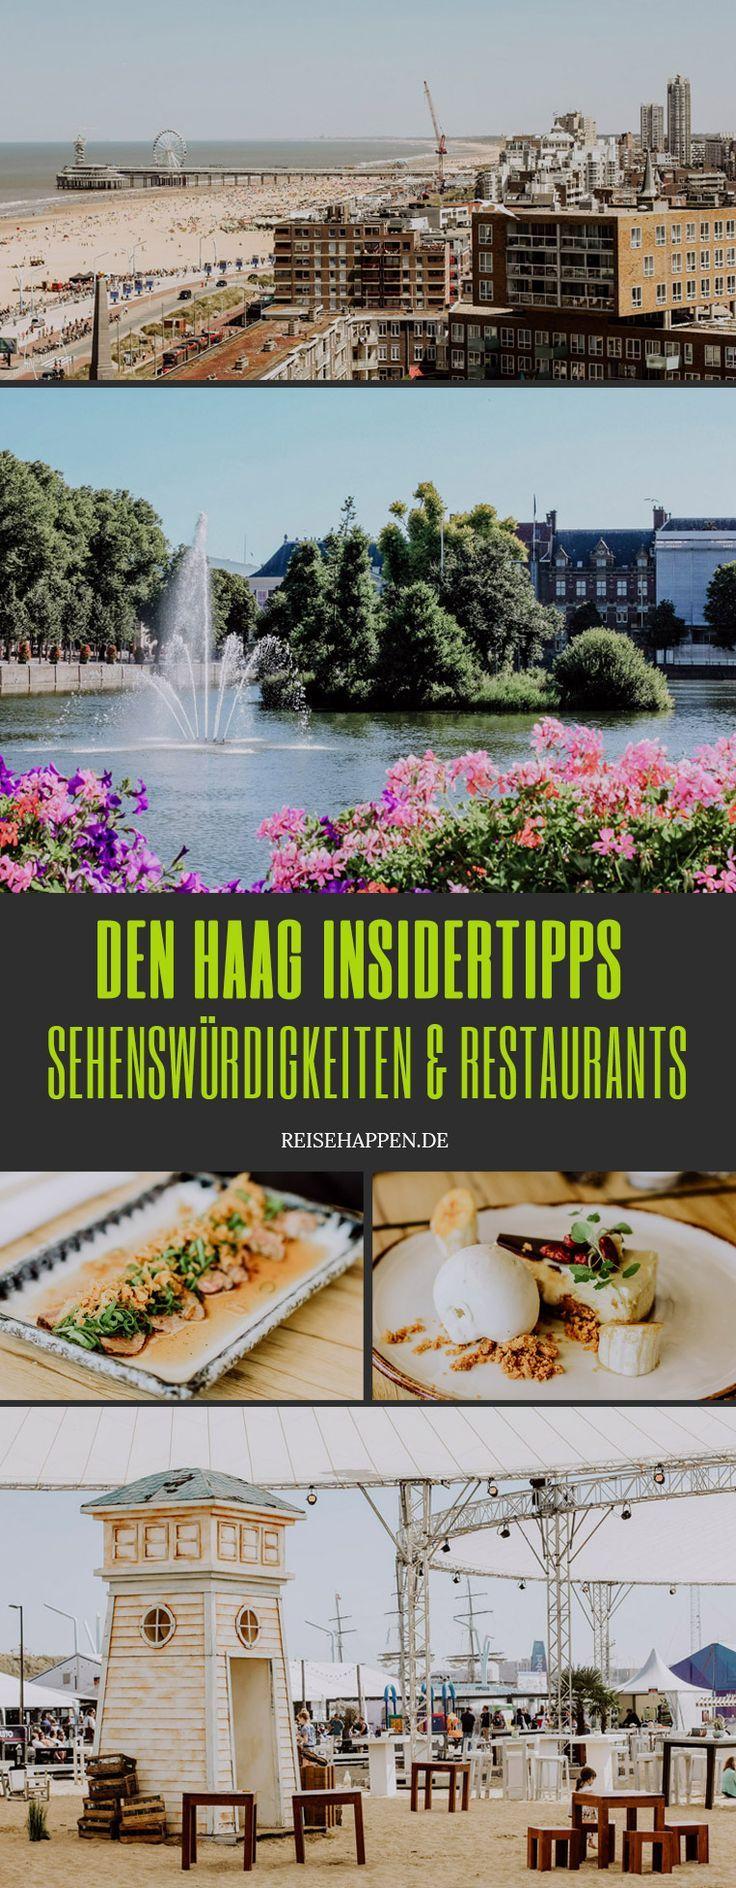 Den Haag Insidertipps – Die schönsten Sehenswürdigkeiten & Restaurants